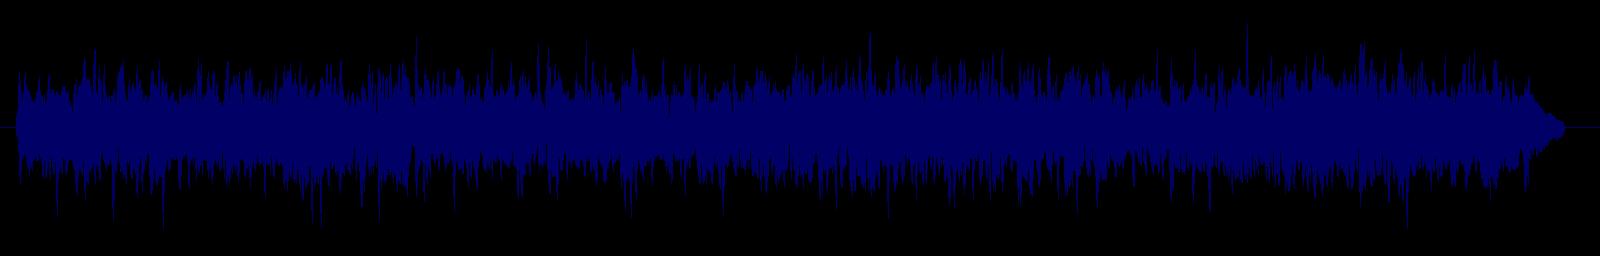 waveform of track #148619